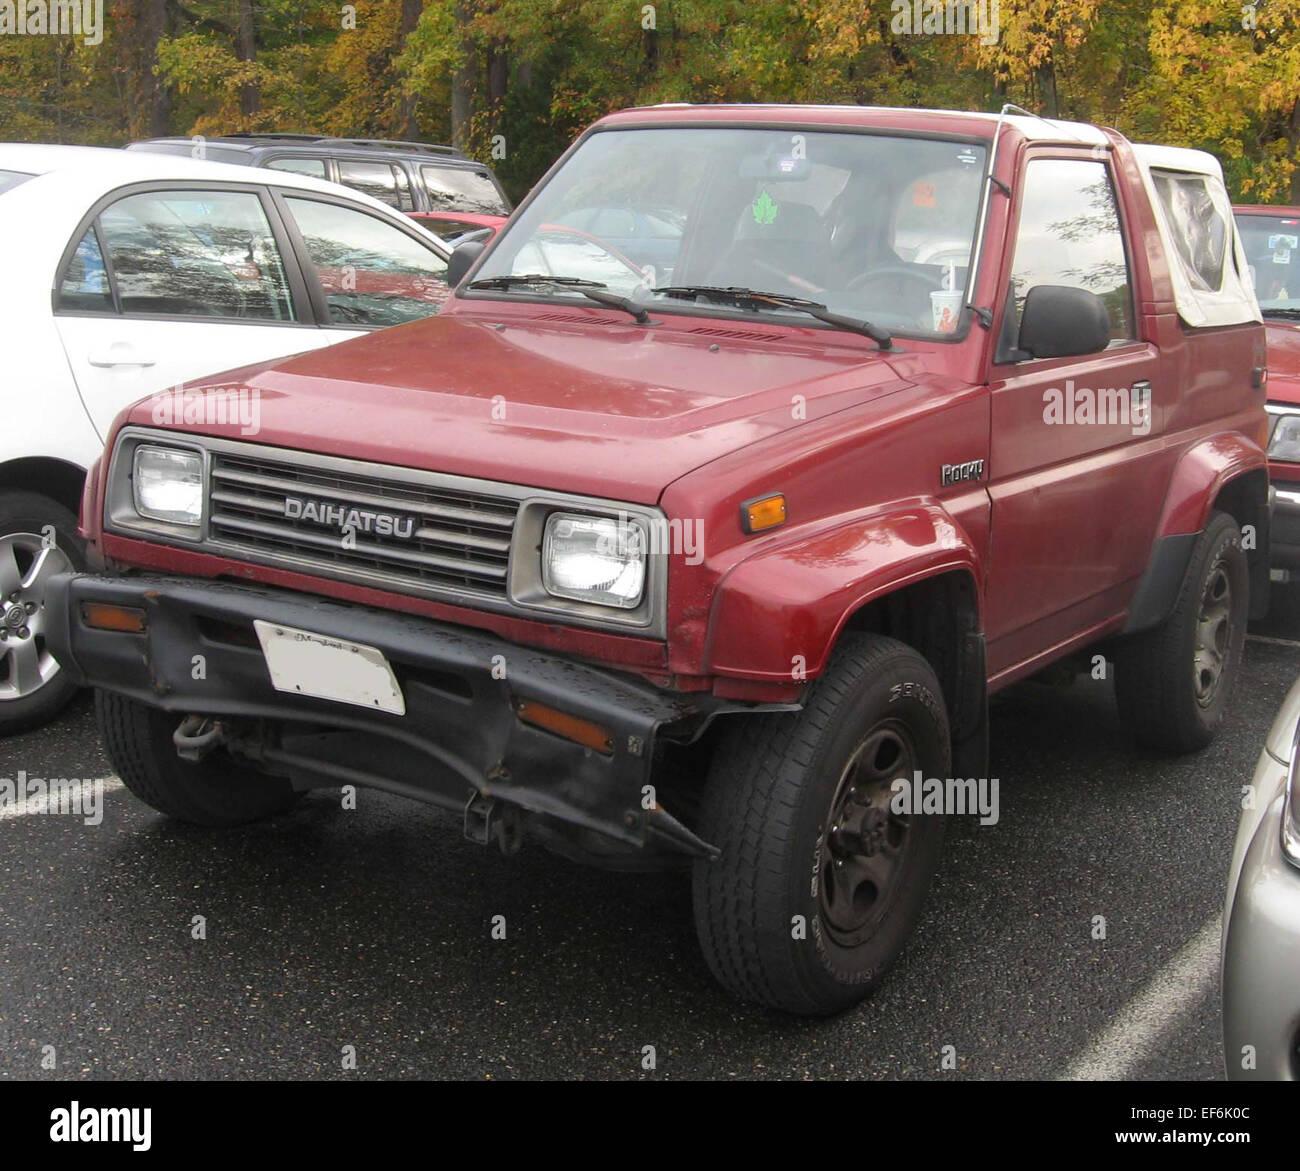 Daihatsu Car Stock Photos & Daihatsu Car Stock Images